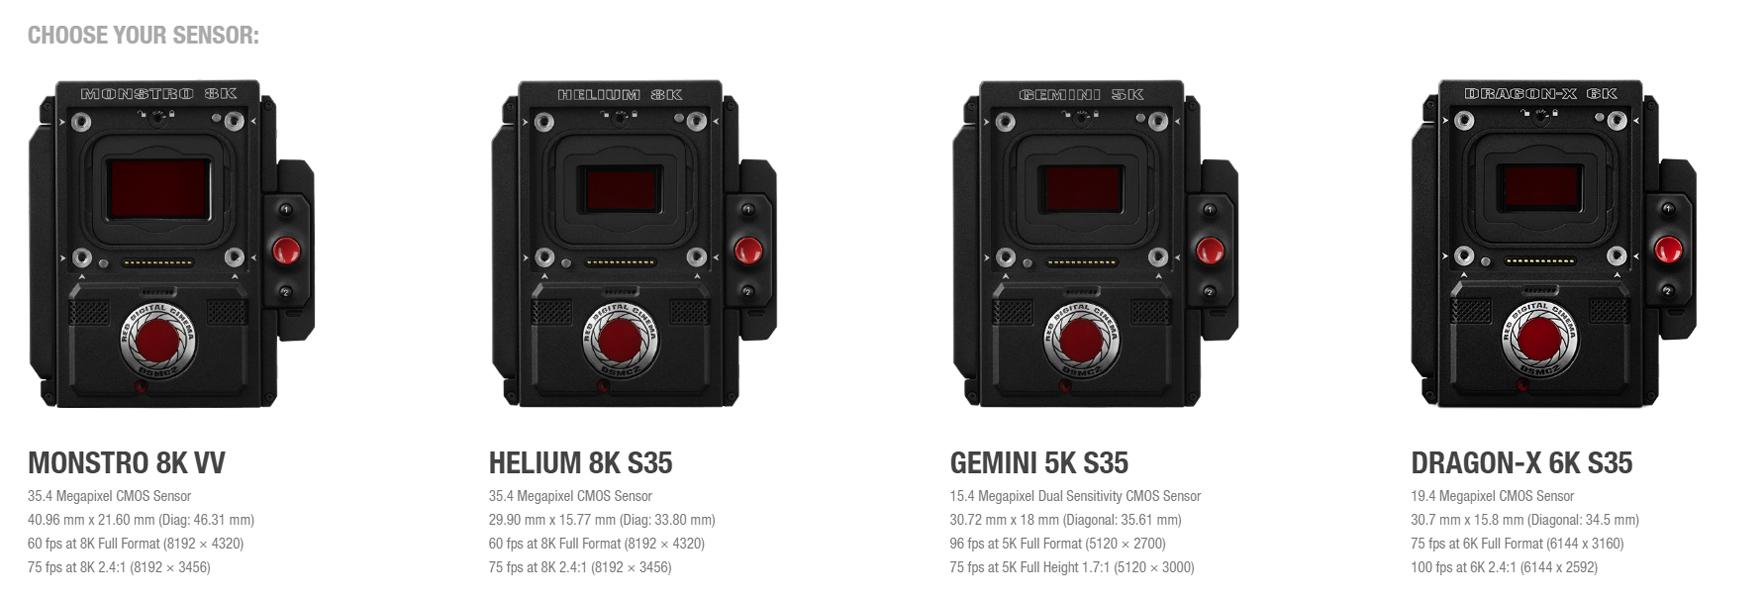 Différents capteurs des caméras RED - comparaison